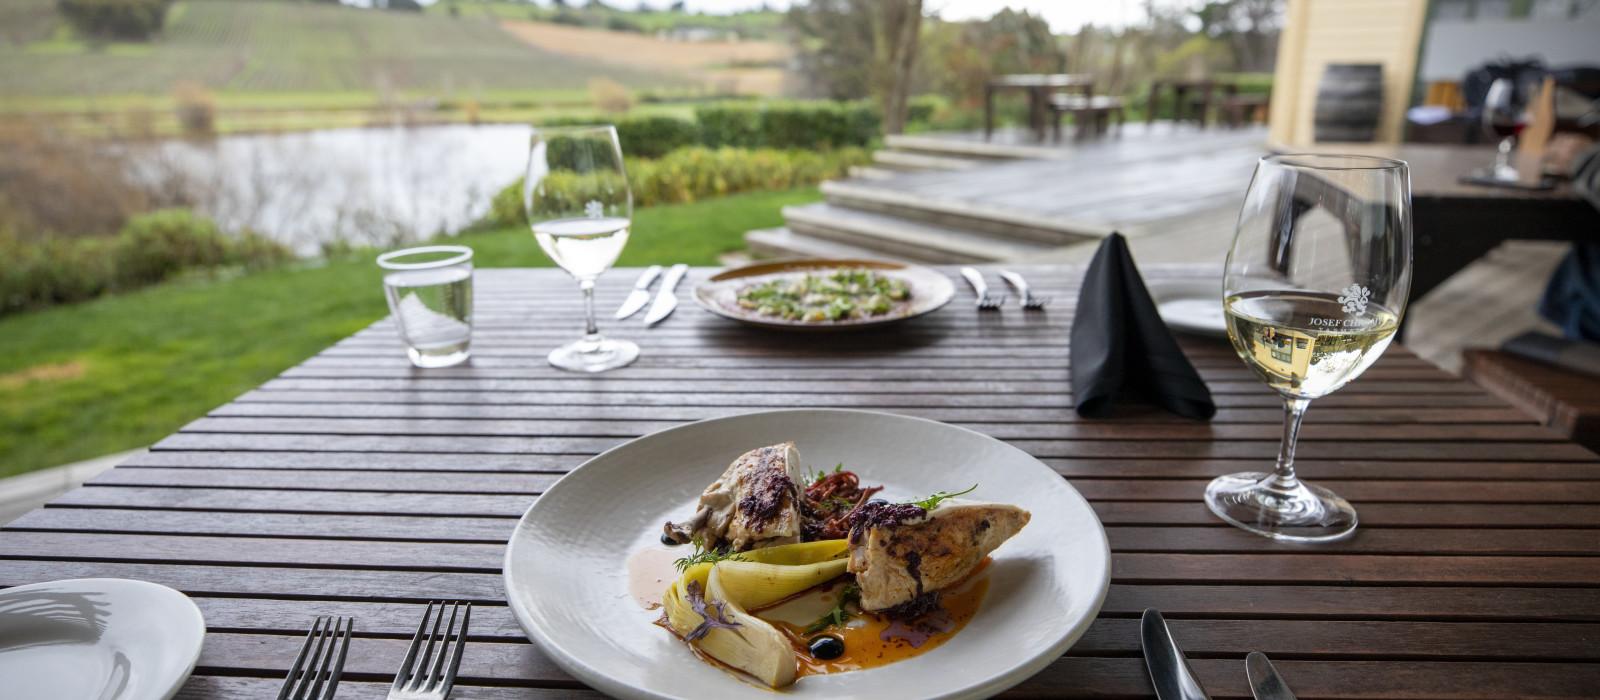 Hotel City Park Grand Launceston Australien